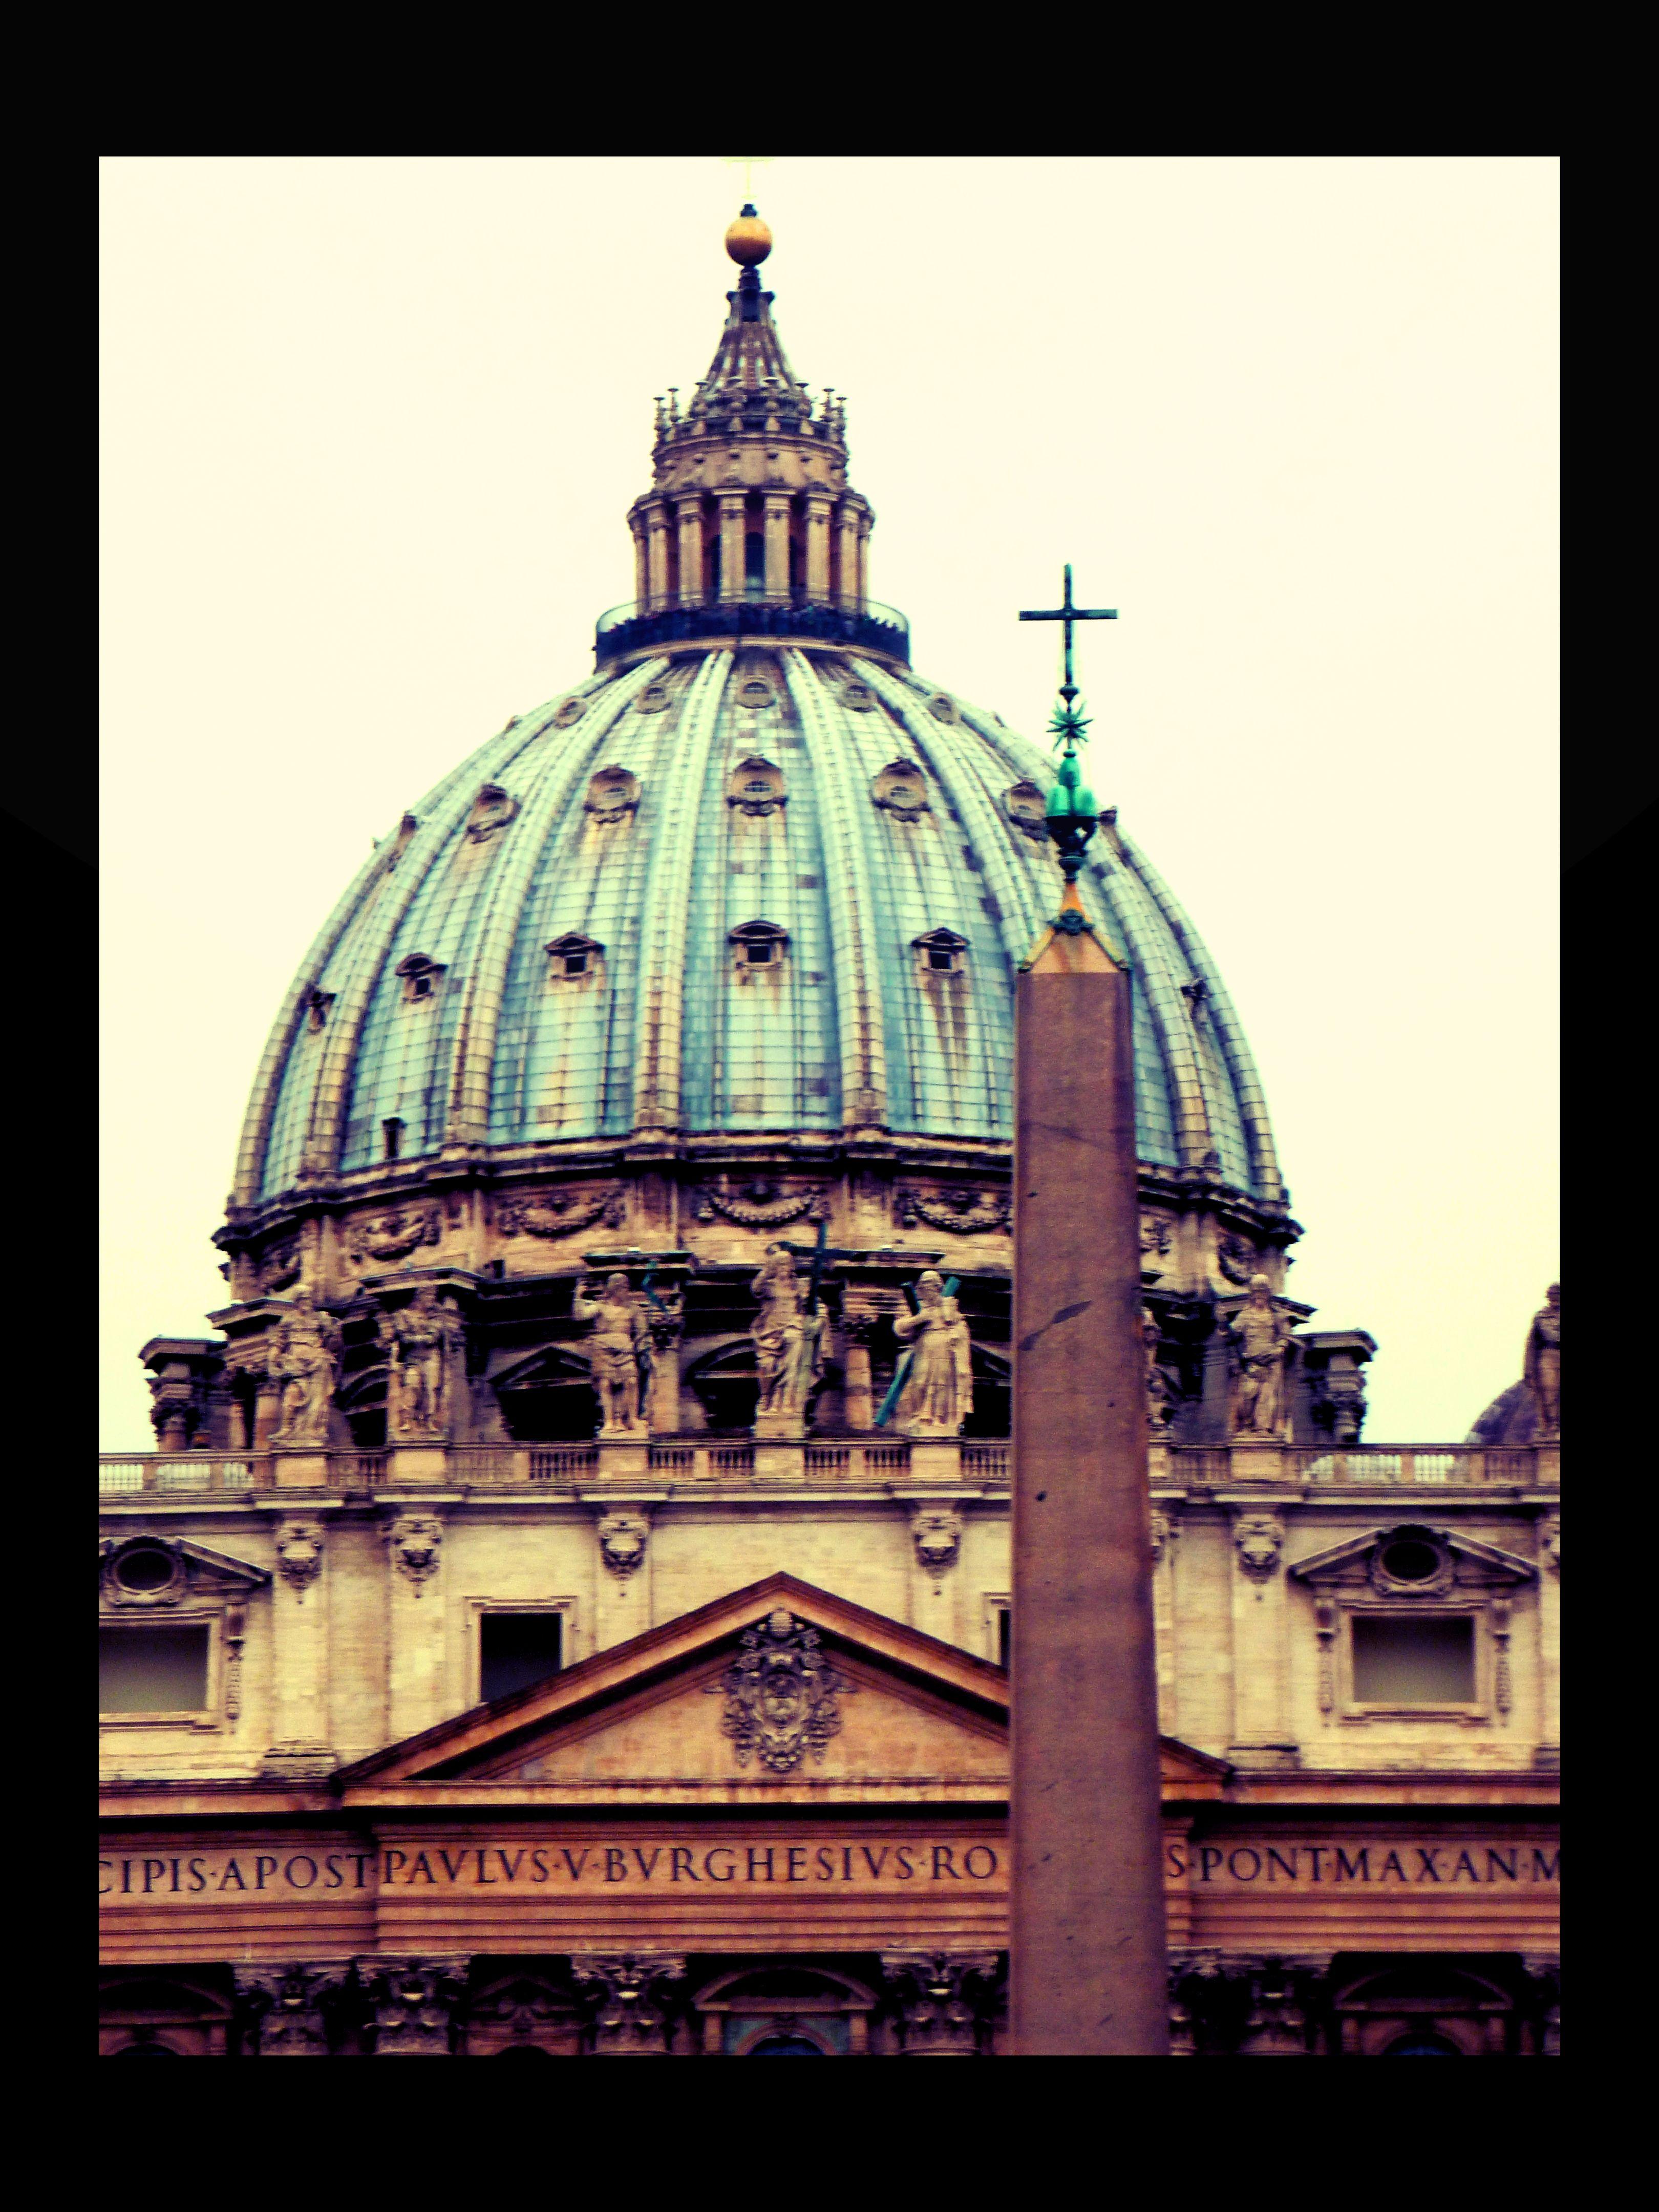 Vatican City, Rome, Vatican